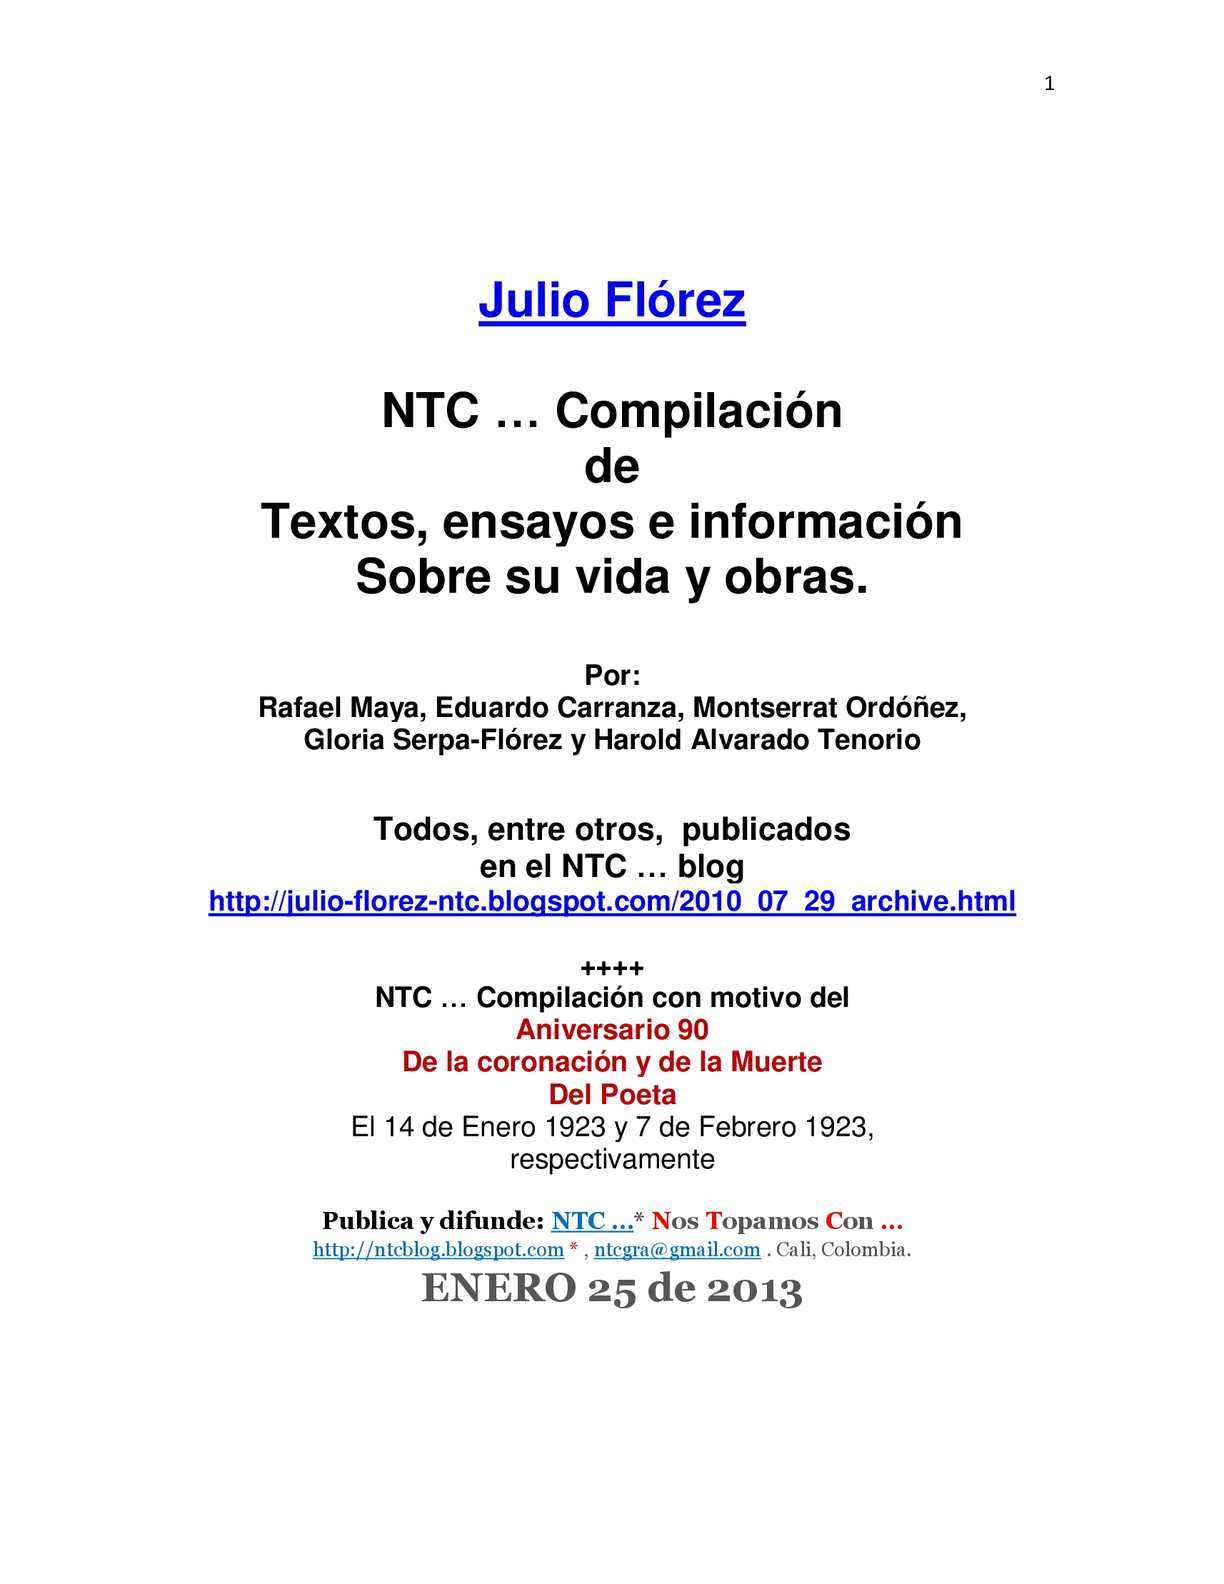 Calaméo Julio Flórez Ntc Compilación De Textos Sobre él